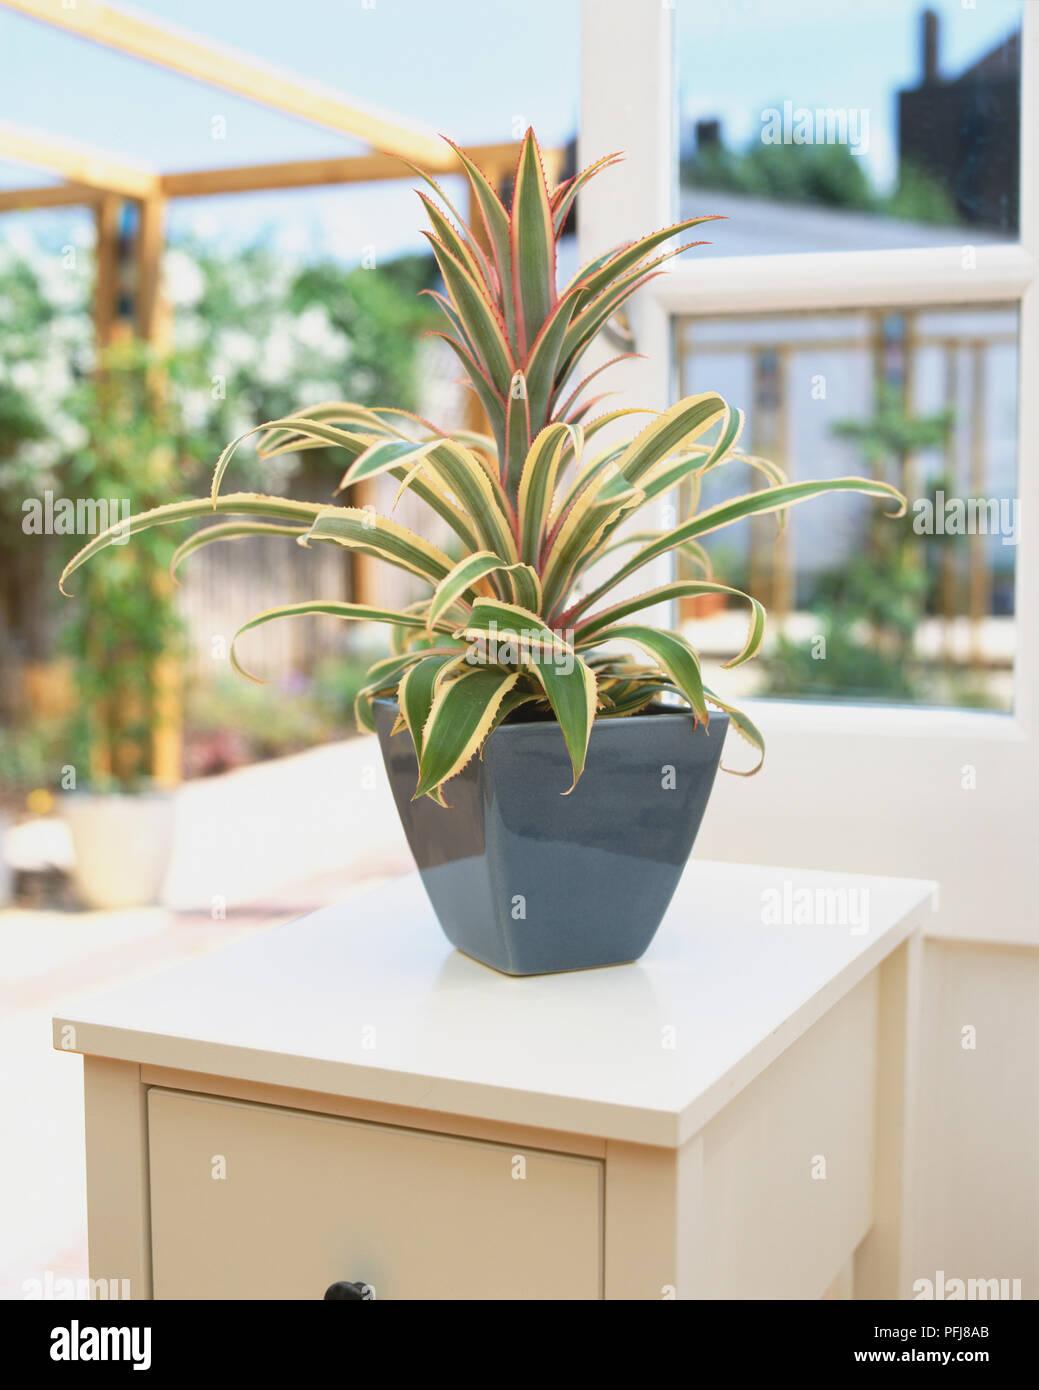 Ananas Comosus Var Variegatus Ananas Pflanze In Blau Keramik Topf